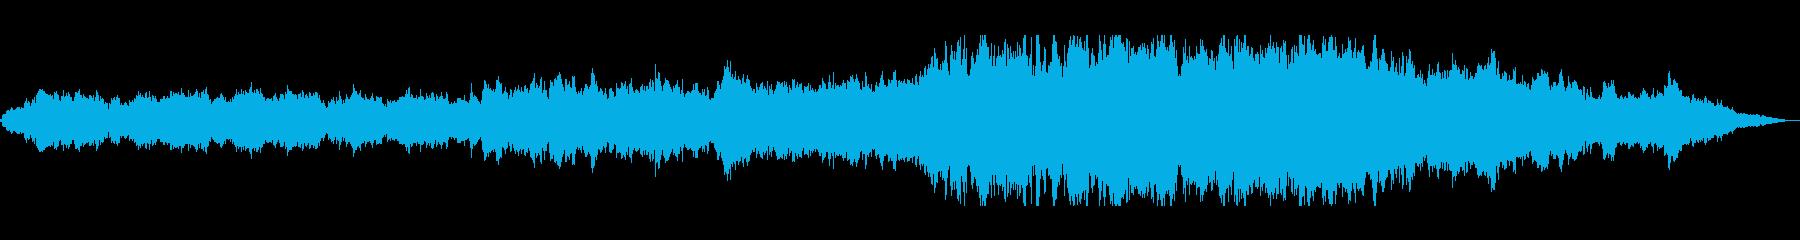 ゆったりと爽やかなシンセ管楽器サウンドの再生済みの波形